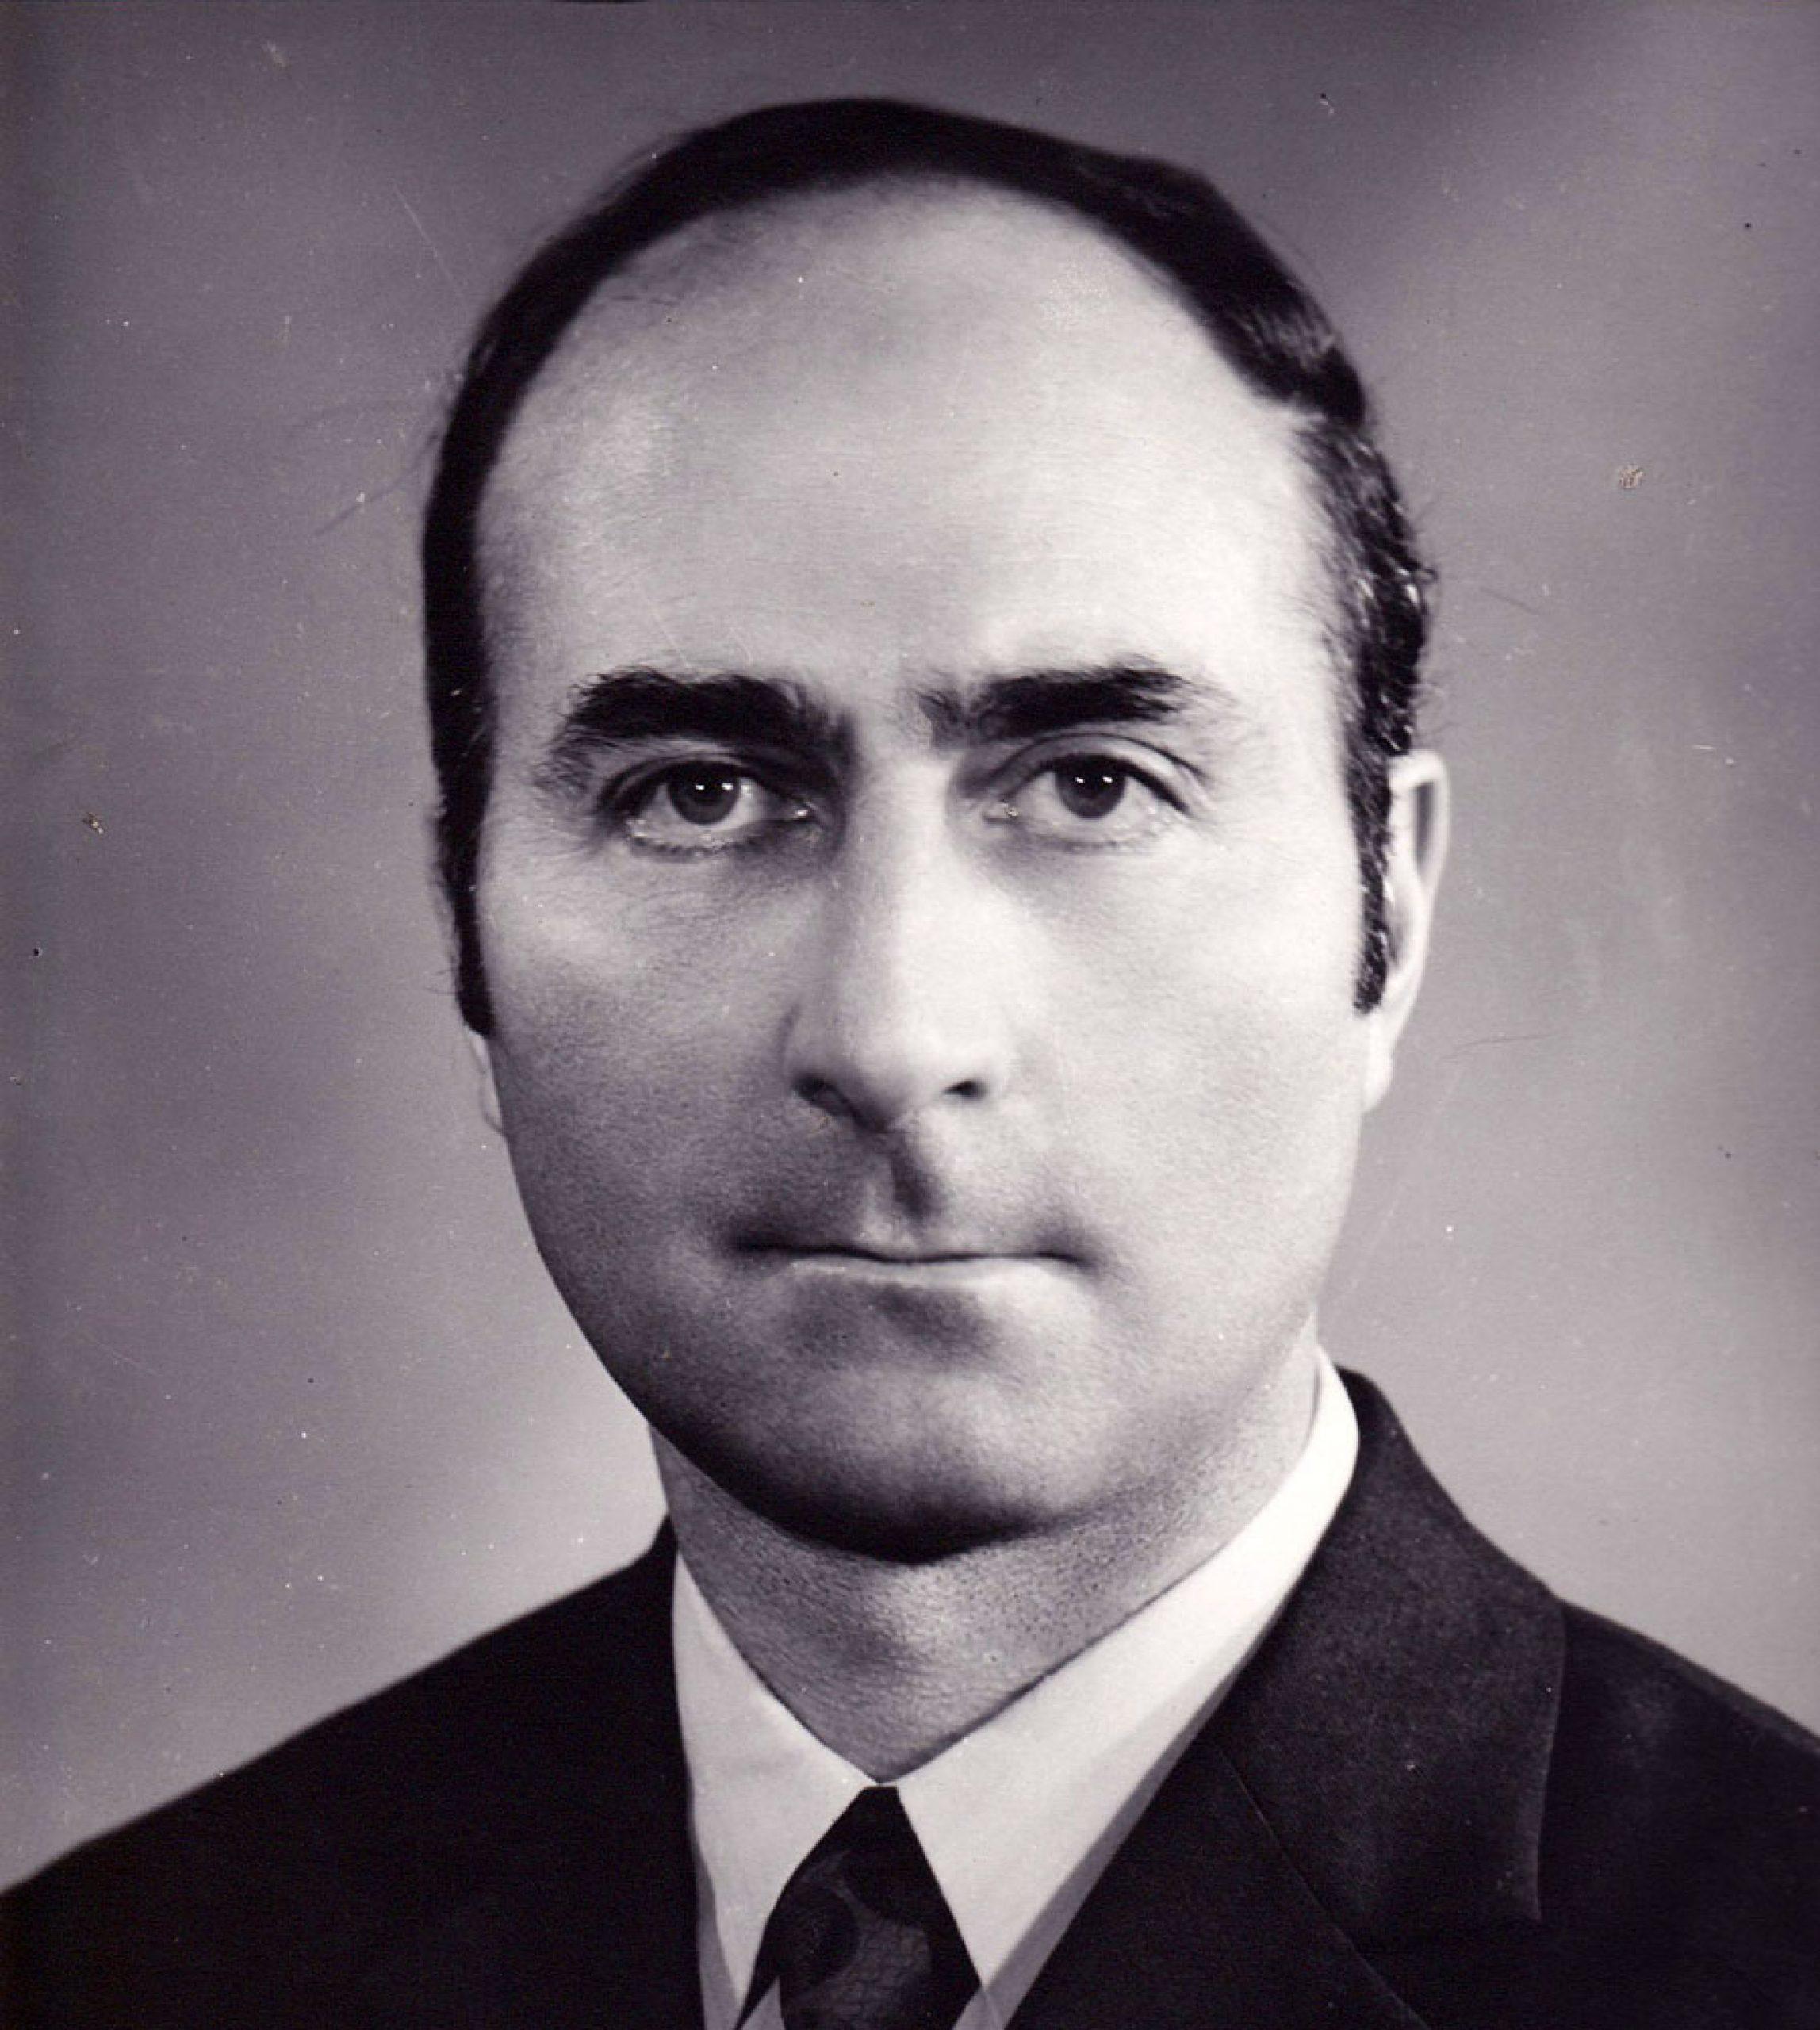 Sergei Mikaelyan